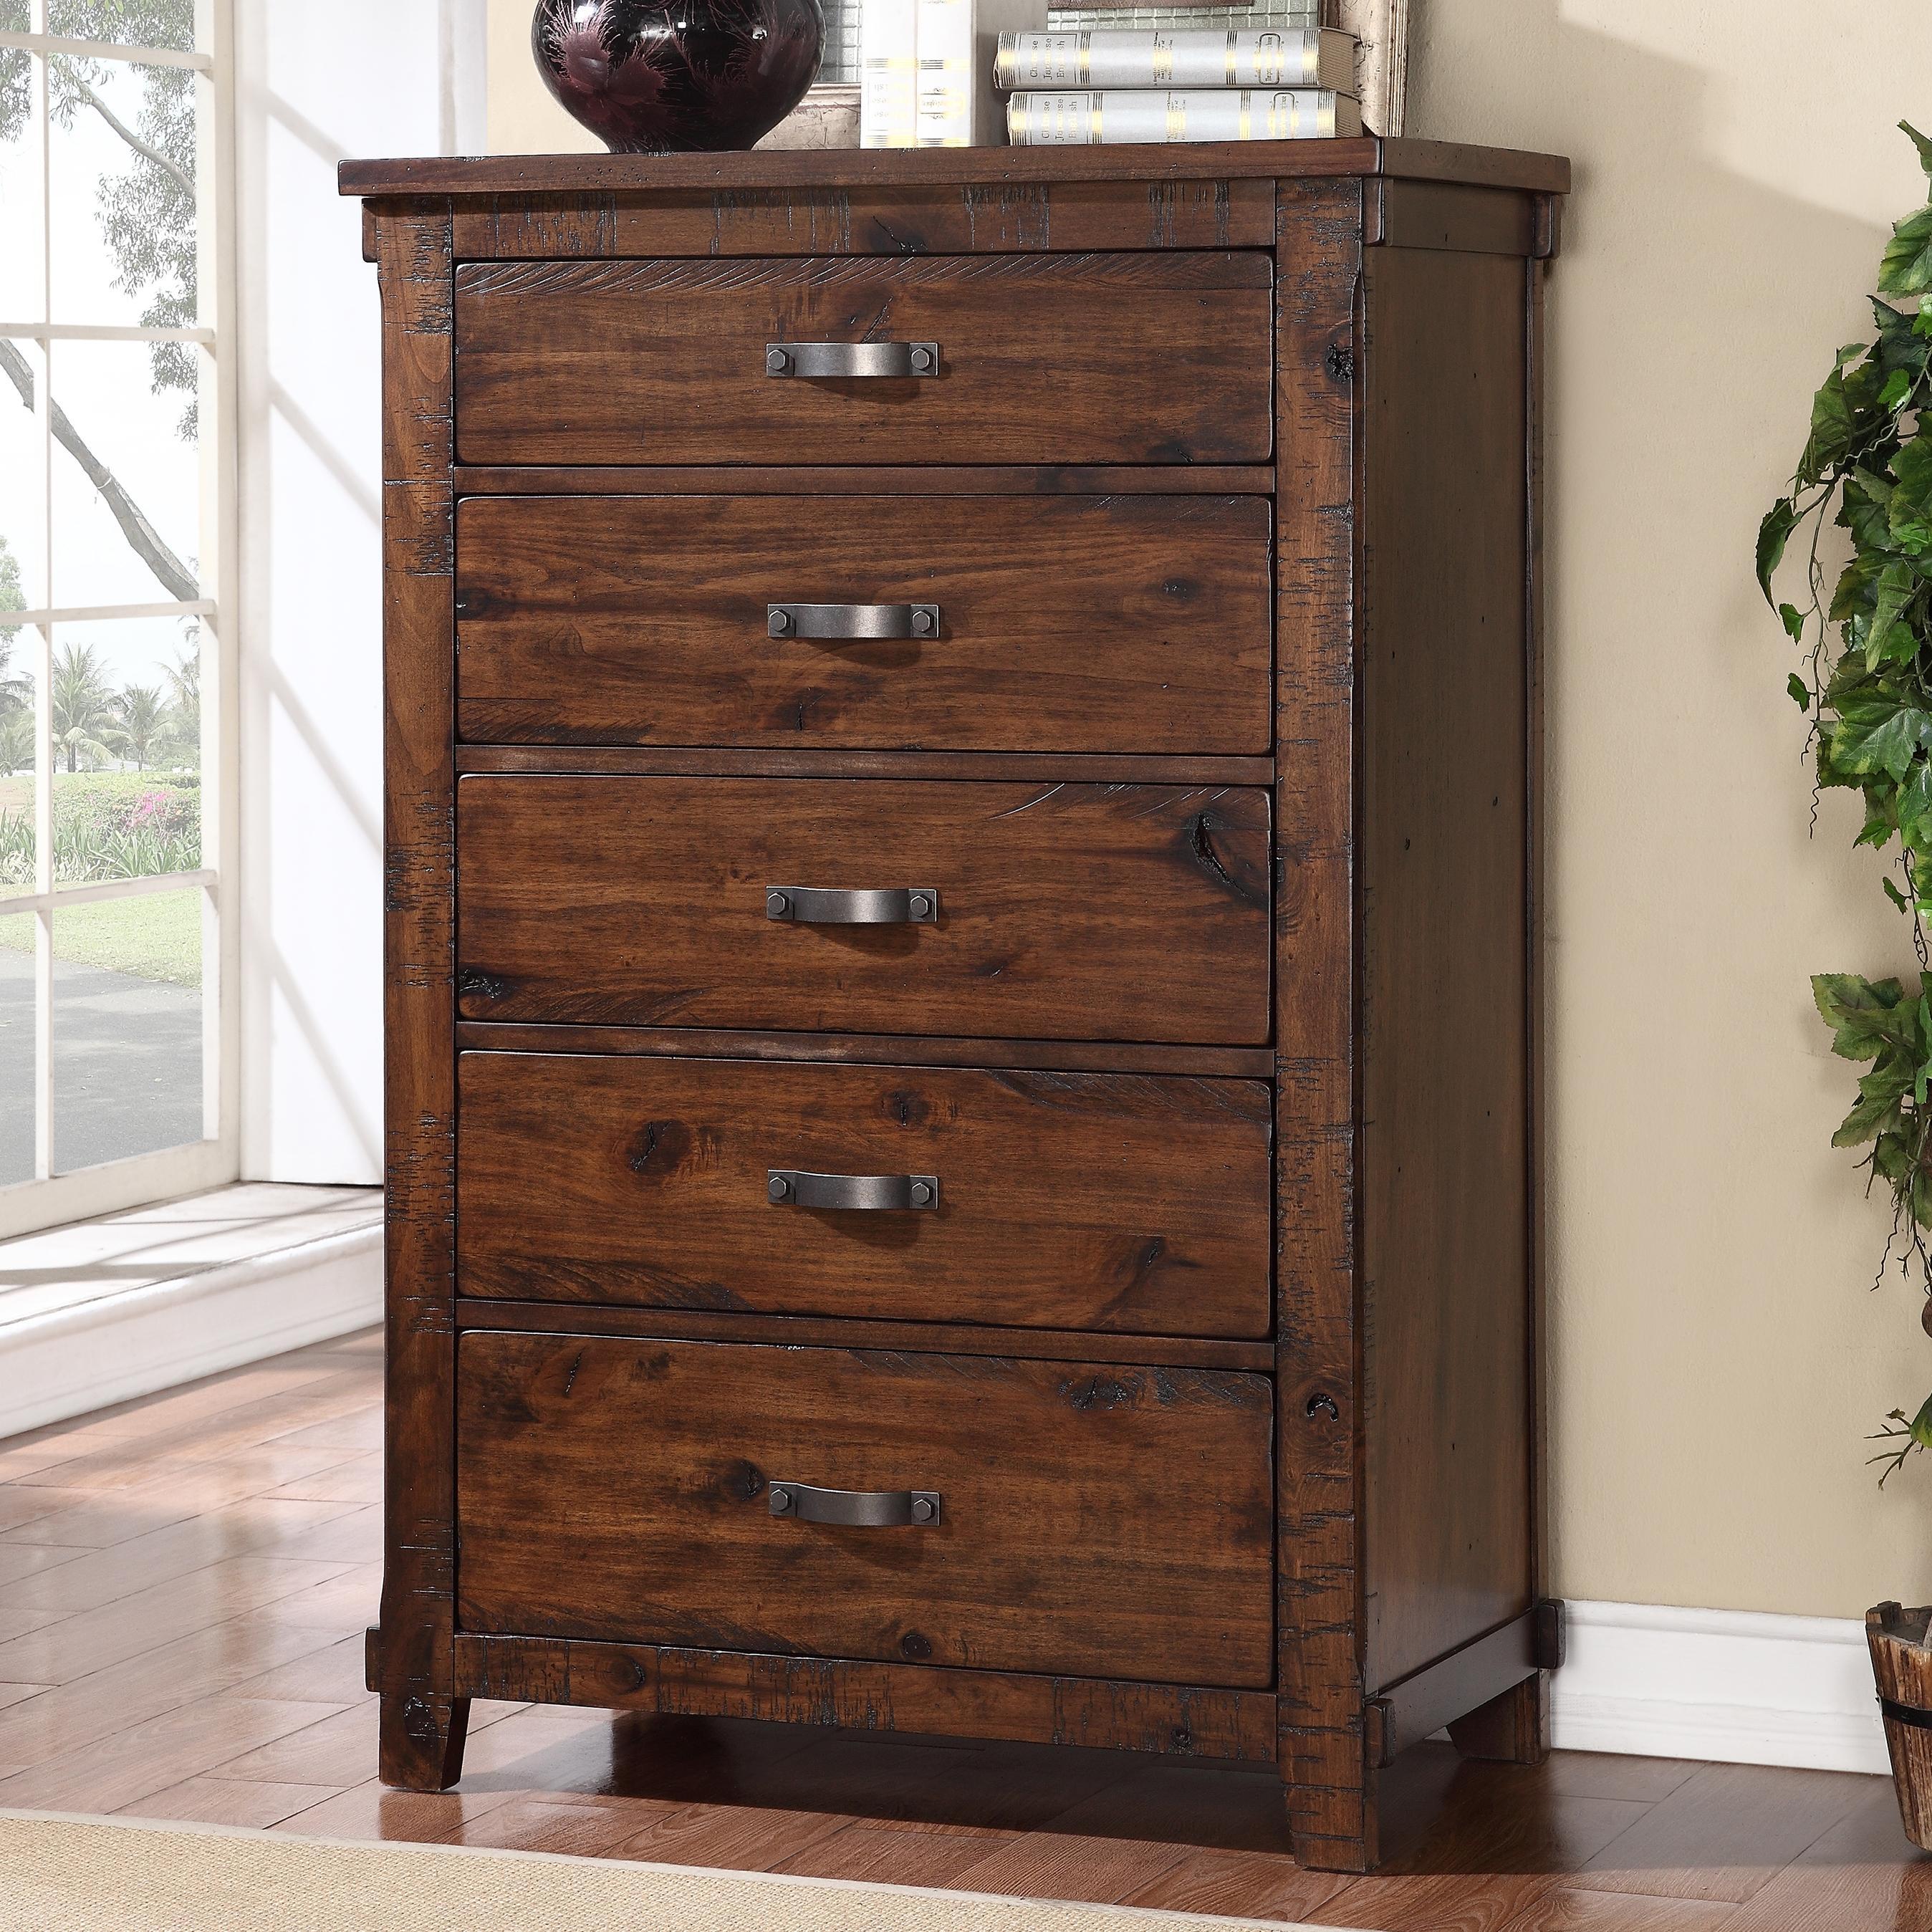 Legends furniture restoration zrst 7016 rustic restoration 5 drawer chest del sol furniture for Refurbished bedroom furniture